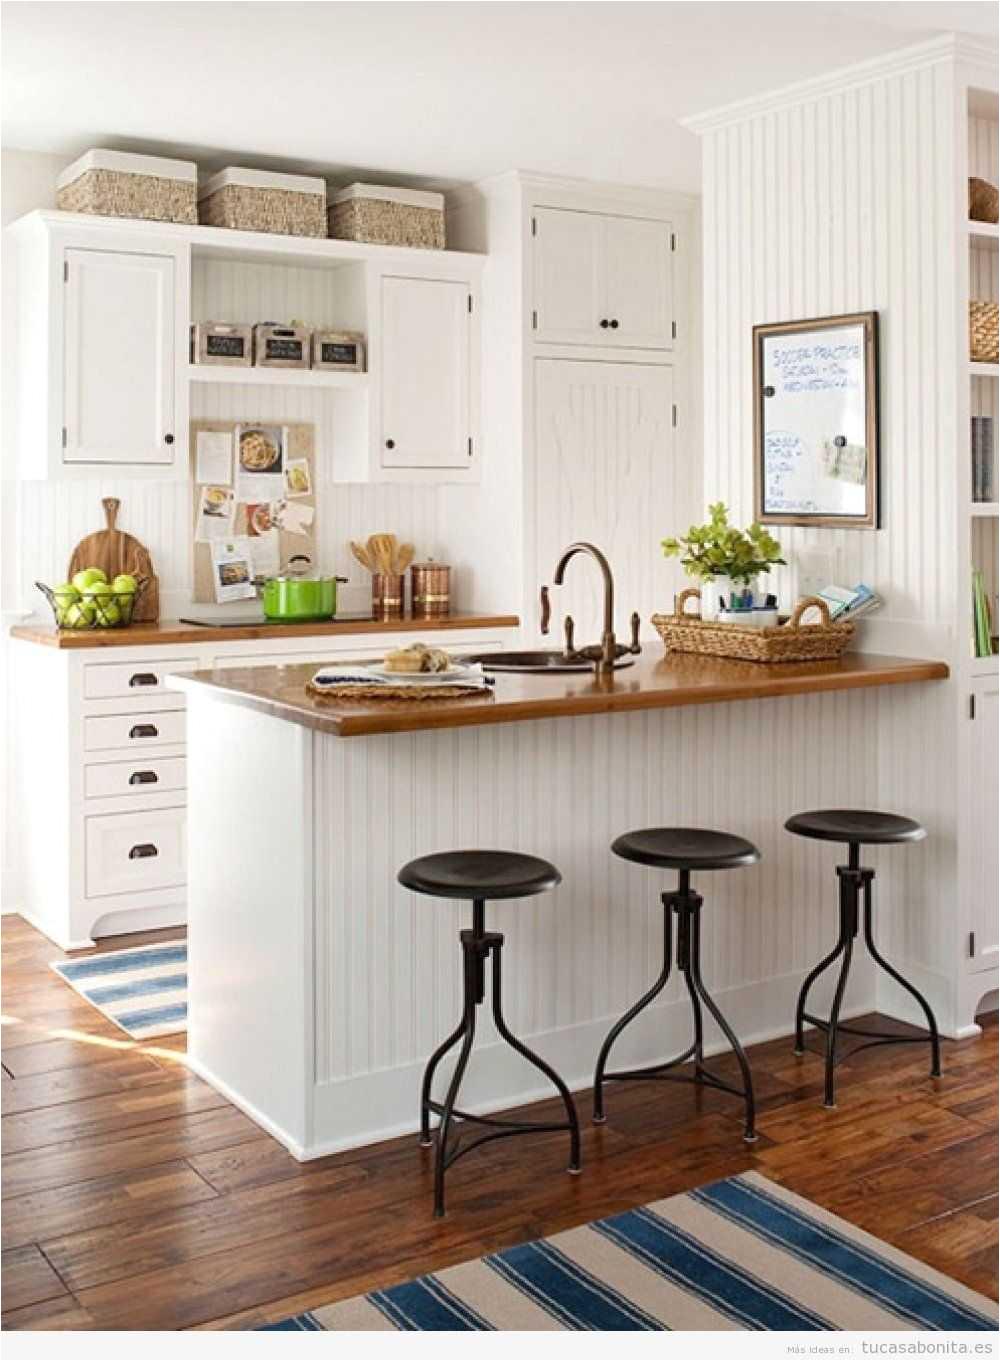 Remodelacion de cocinas peque as rusticas dise o y - Cocinas rusticas pequenas ...